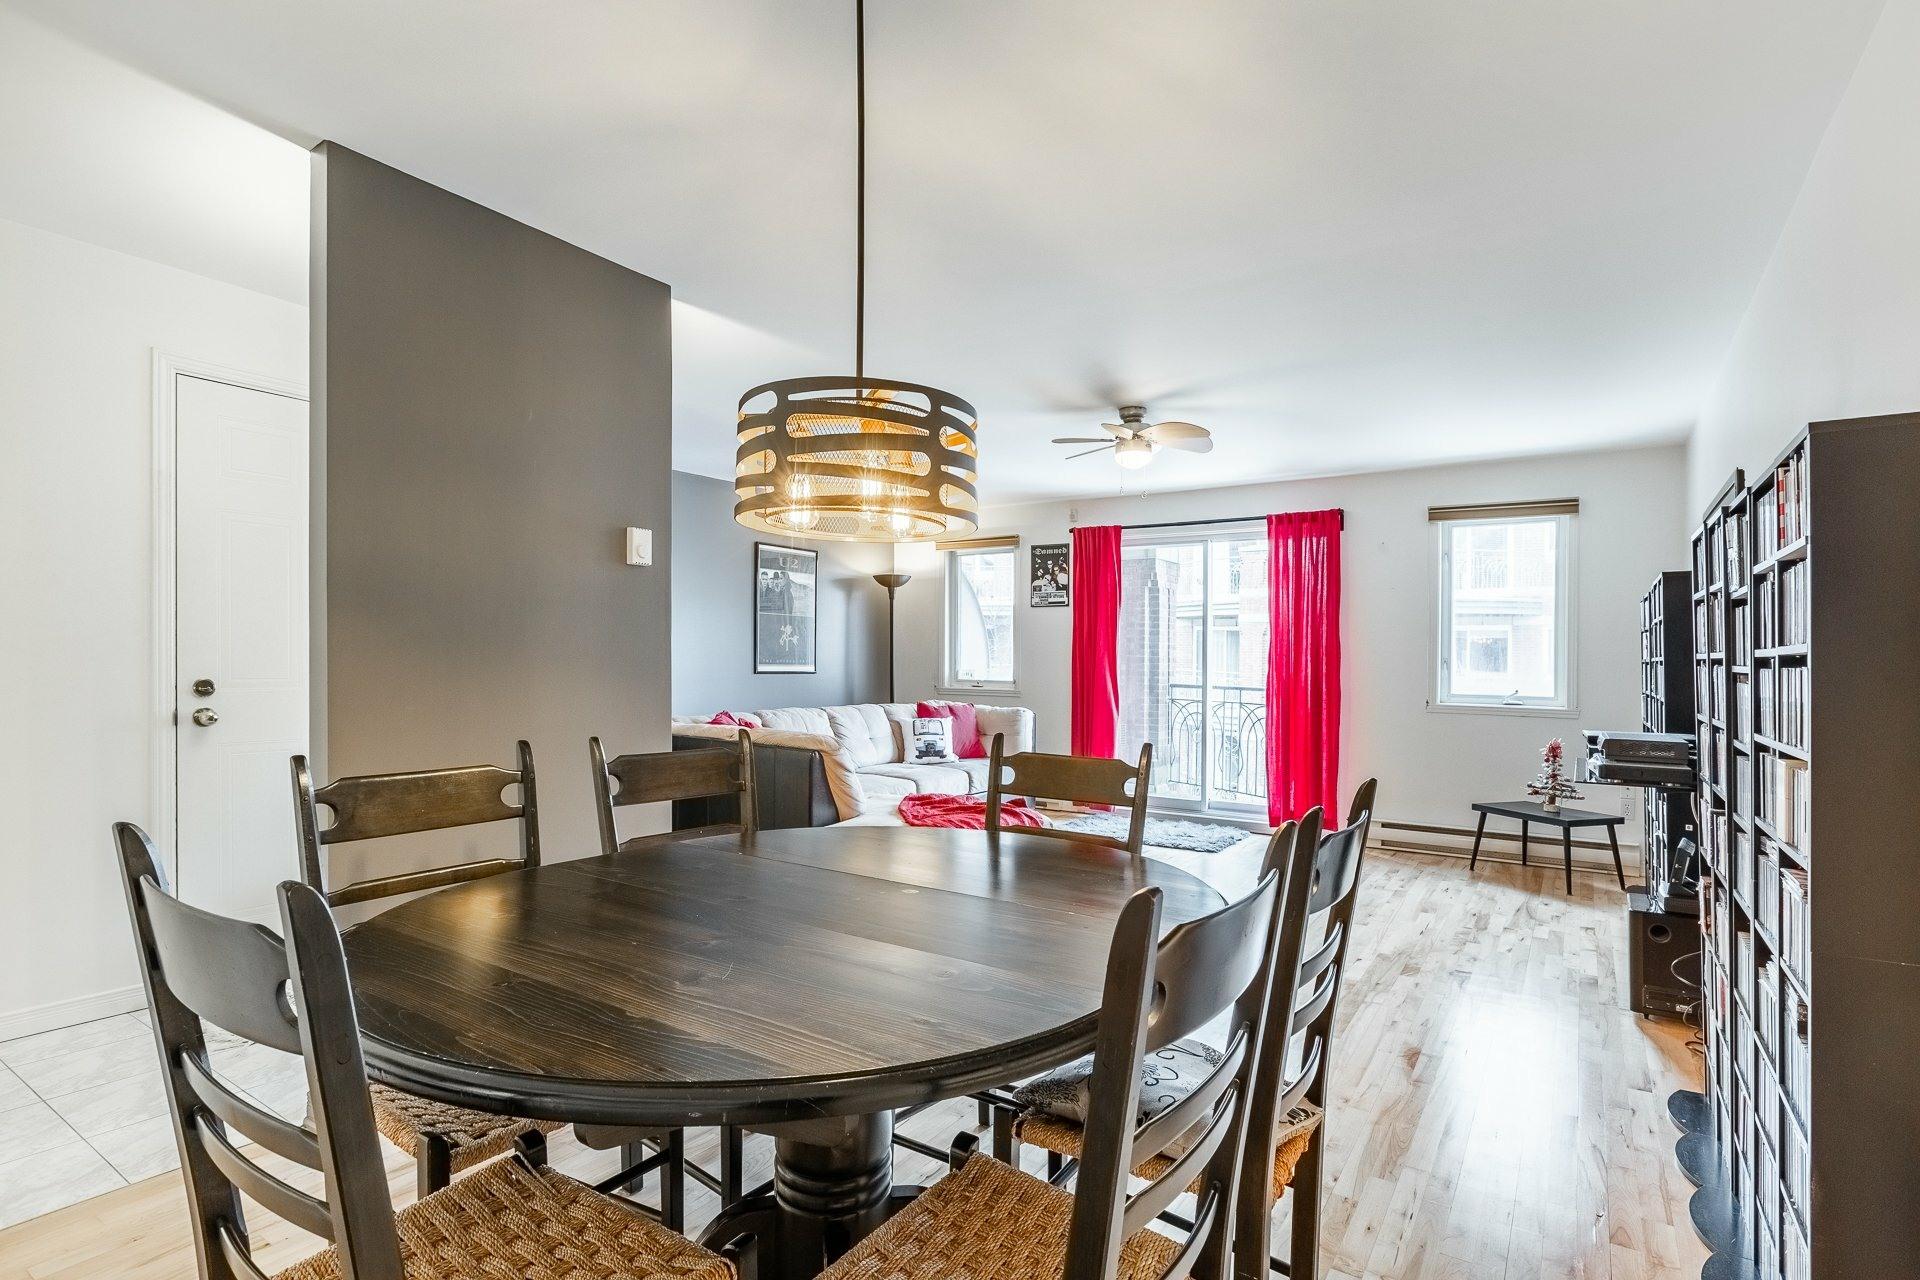 image 6 - Appartement À vendre Montréal Le Plateau-Mont-Royal  - 6 pièces